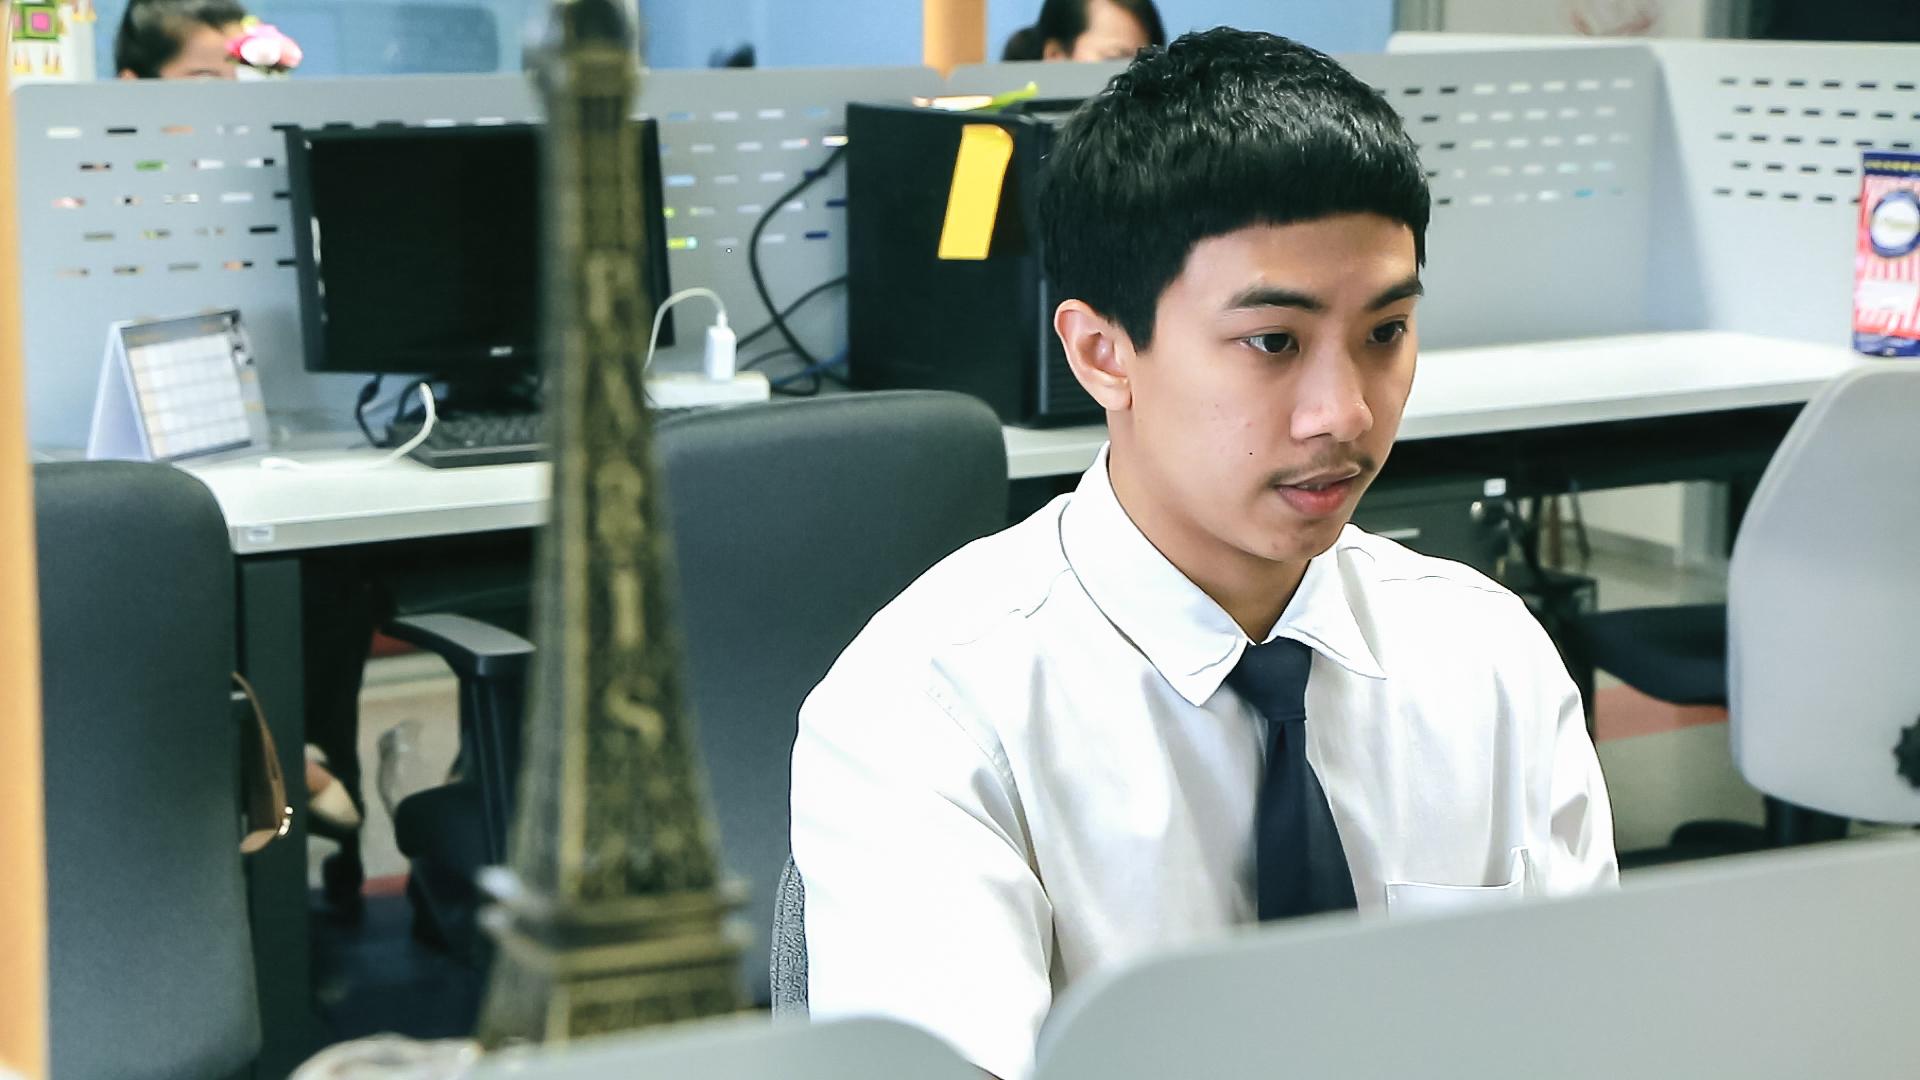 สหกิจศึกษา ภาษาอังกฤษธุรกิจ คณะศิลปศาสตร์ มหาวิทยาลัยศรีปทุม -Thai PBS 03